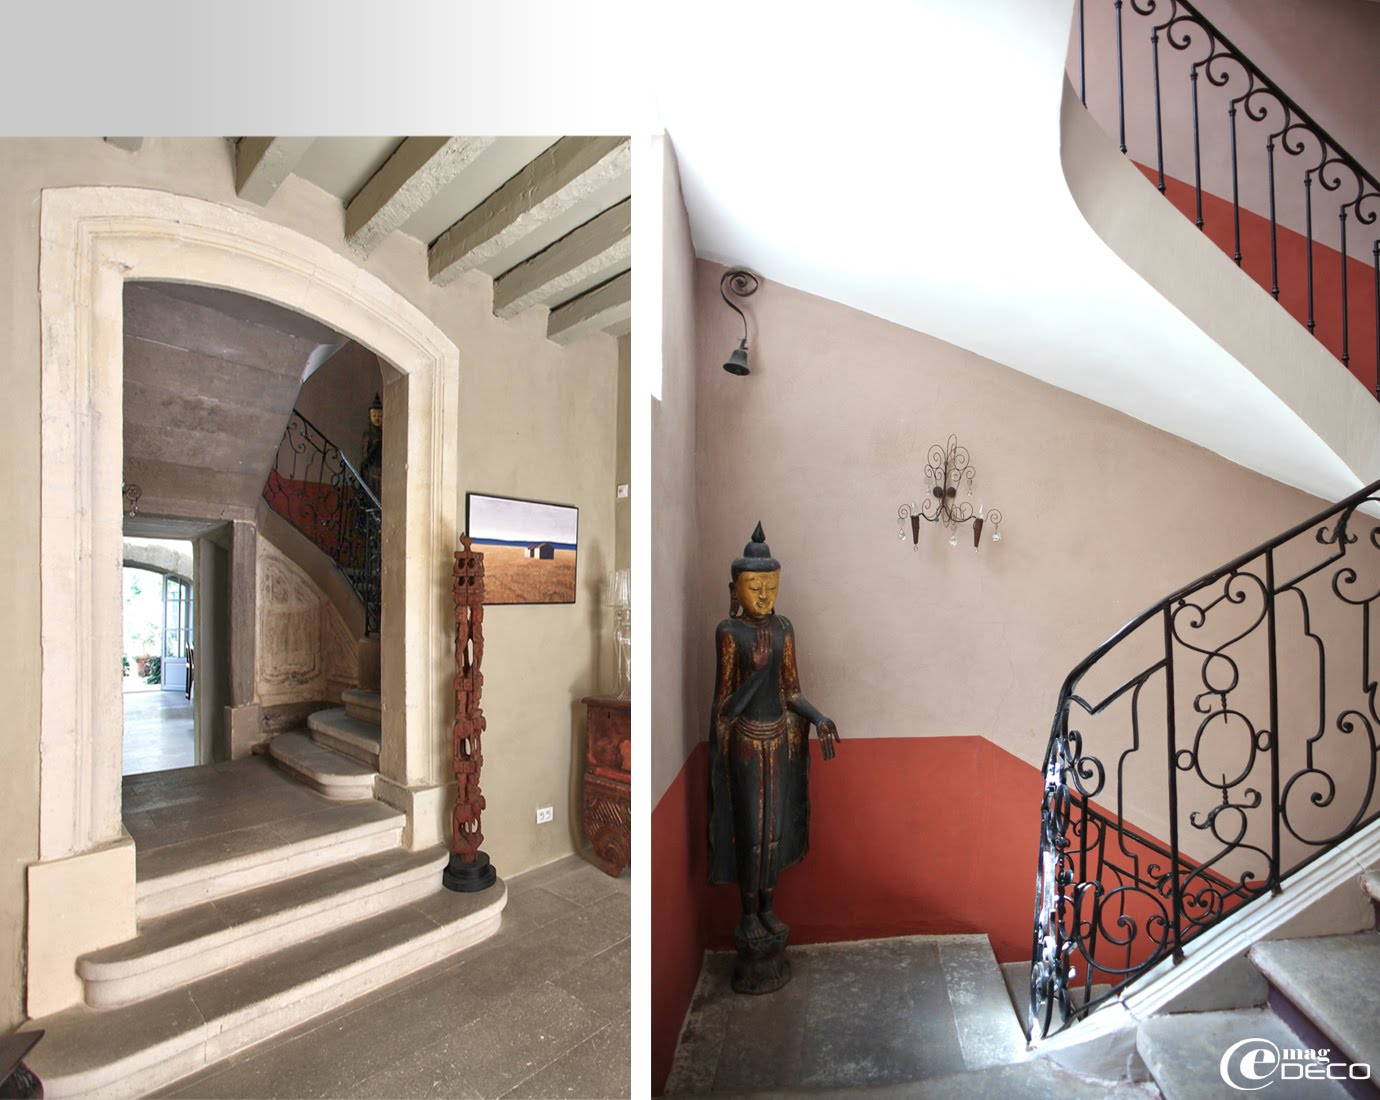 L'entrée et l'escalier du XVIIIème siècle de la maison d'hôtes La Maison sur la Sorgue